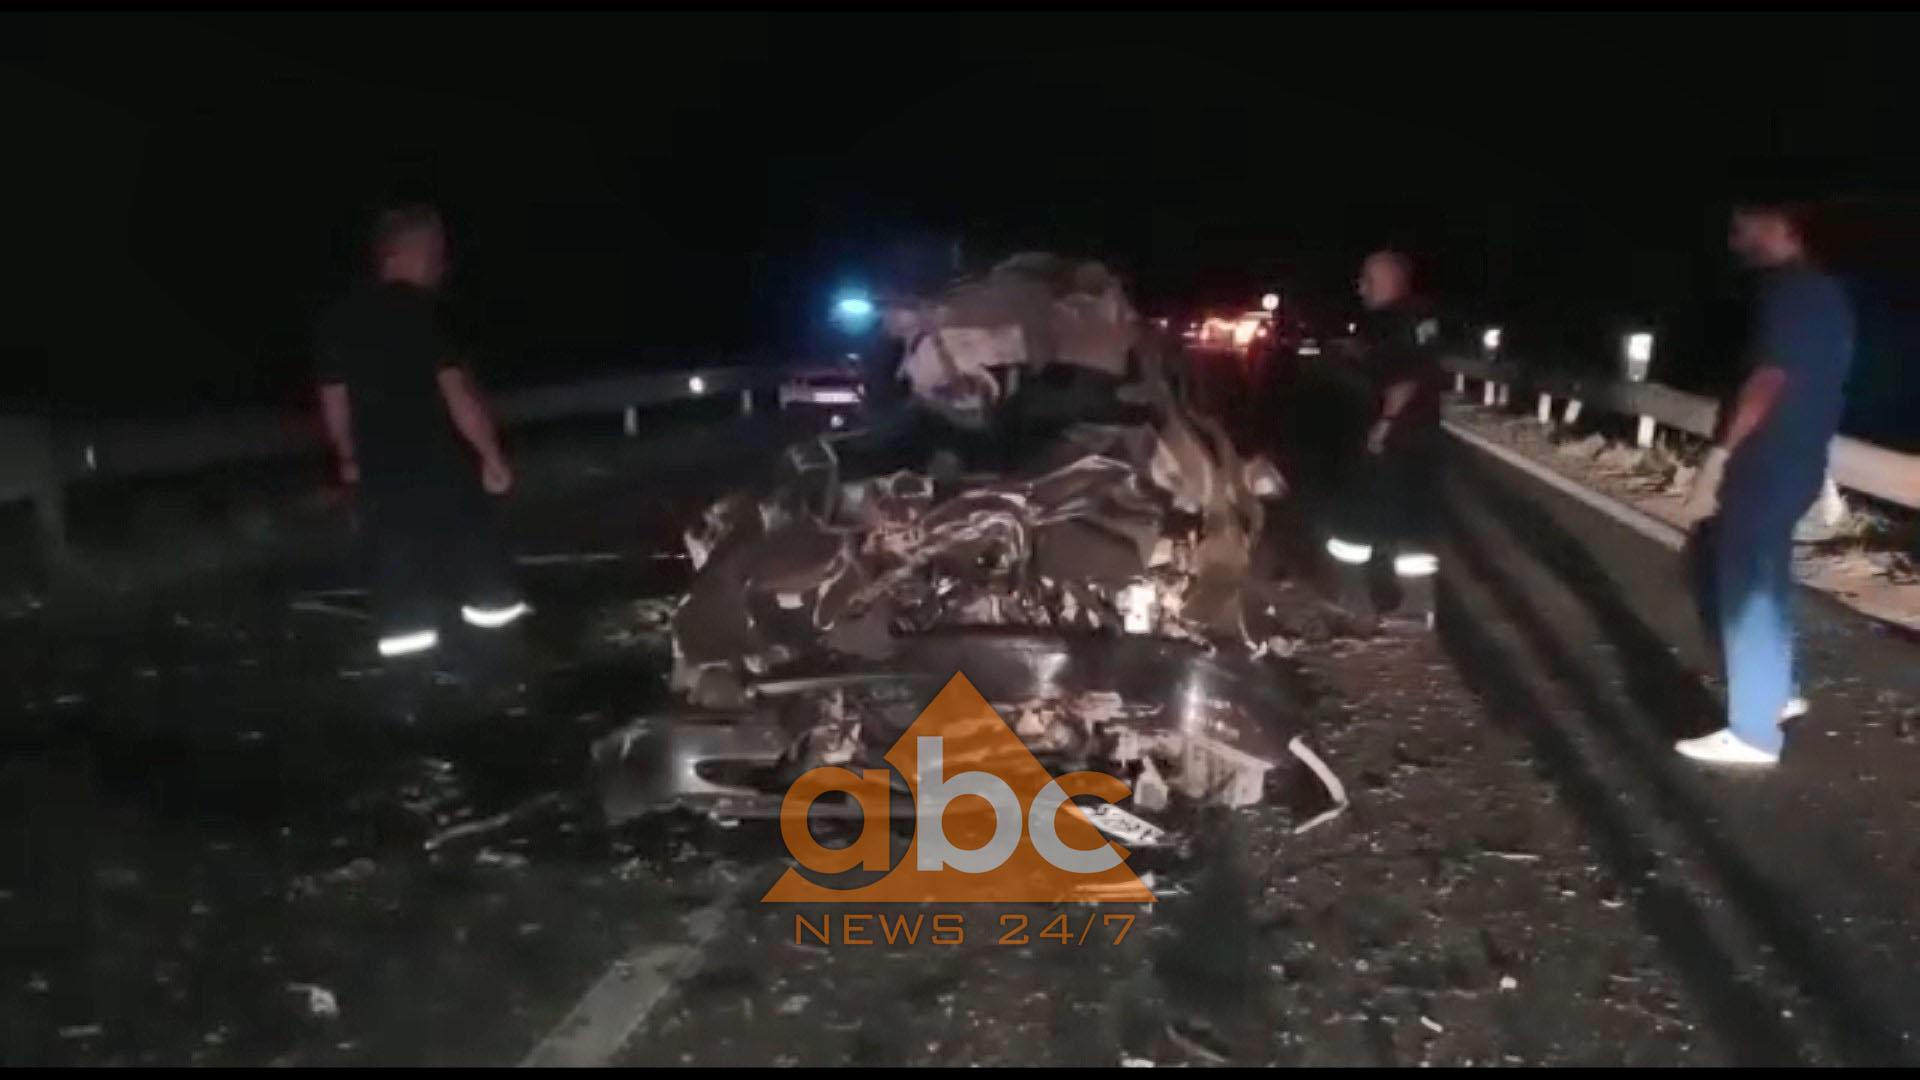 Benzi përplaset me kamionin në Lezhë-Shkodër, vdesin dy të rinj